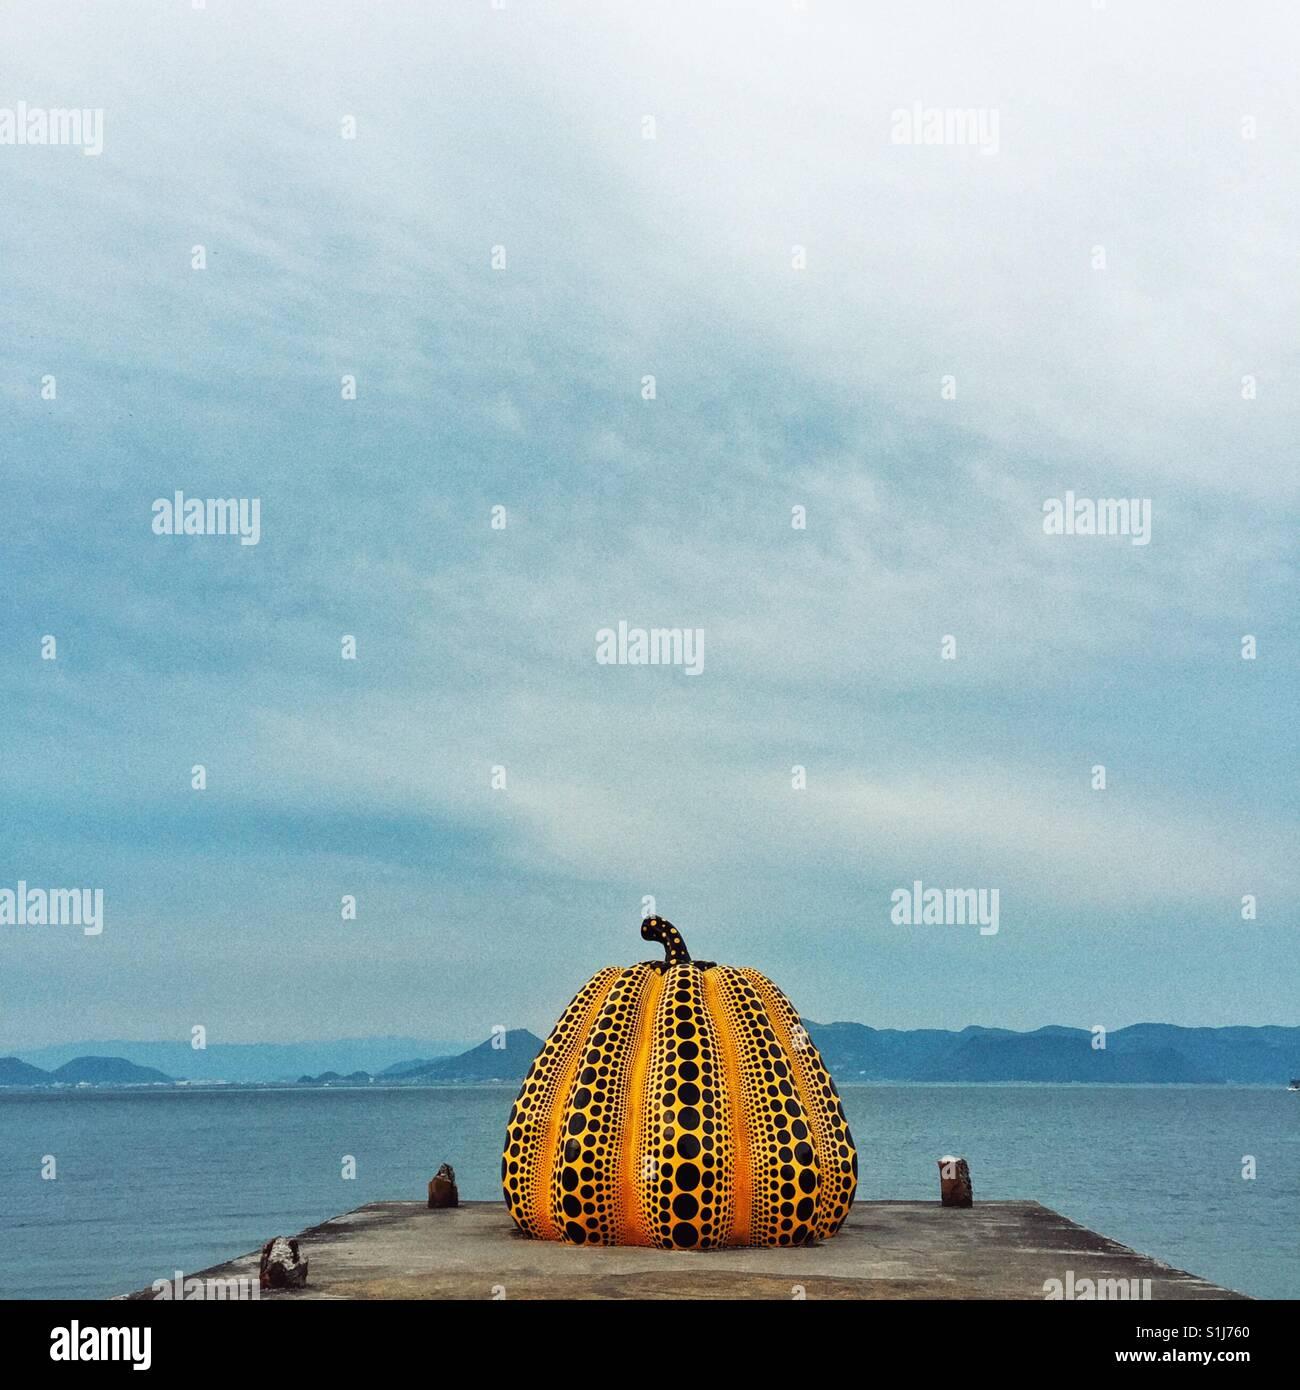 Famosa zucca gialla con punti neri dall'artista giapponese Yayoi Kusama installato sul molo sull isola di Naoshima Immagini Stock